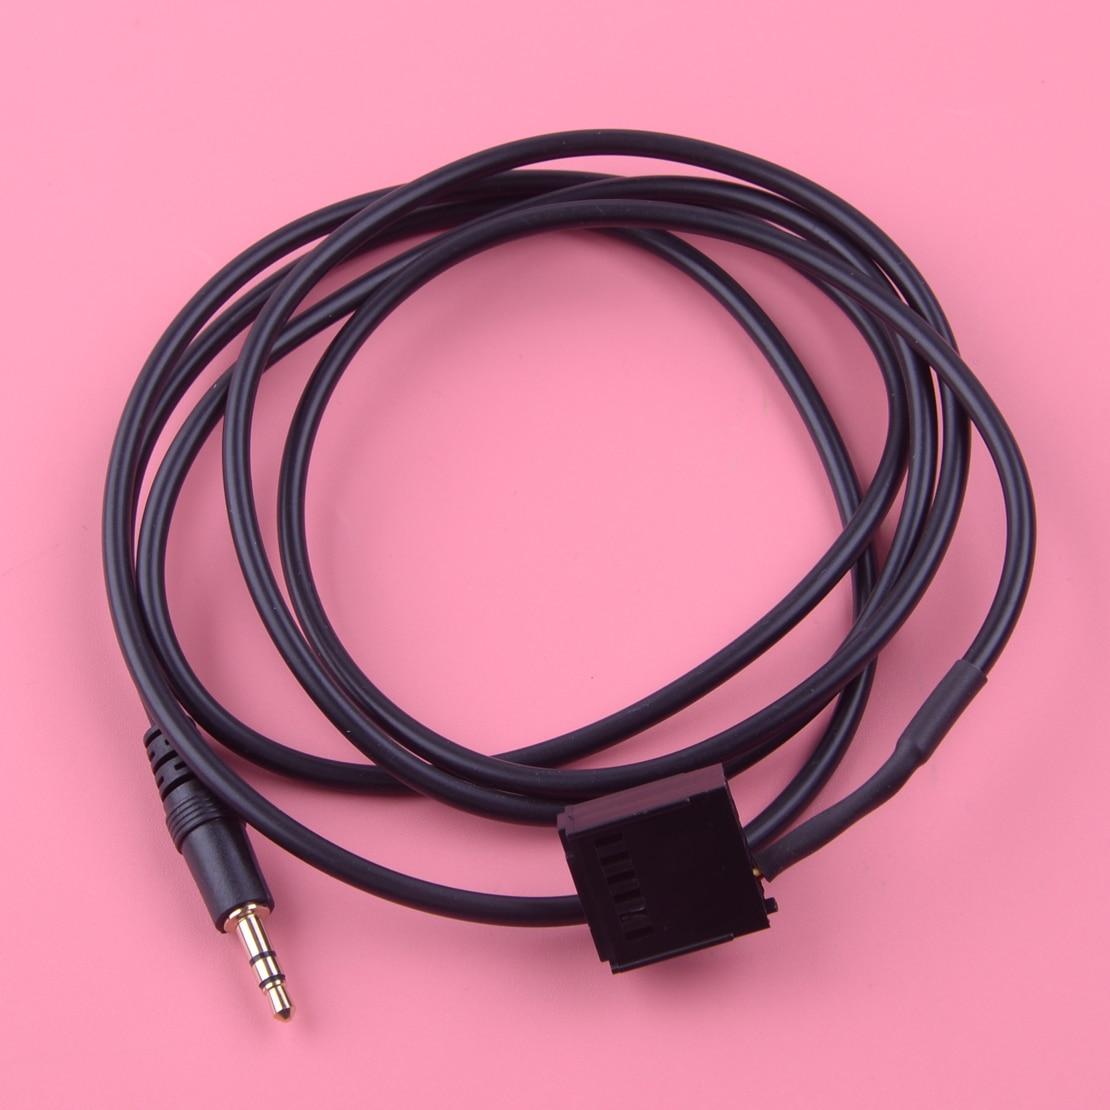 Dwcx carro auto 3.5mm jack plug ligação aux adaptador de entrada cabo 6000cd apto para ford focus C-MAX mondeo S-MAX conectar trânsito mp3